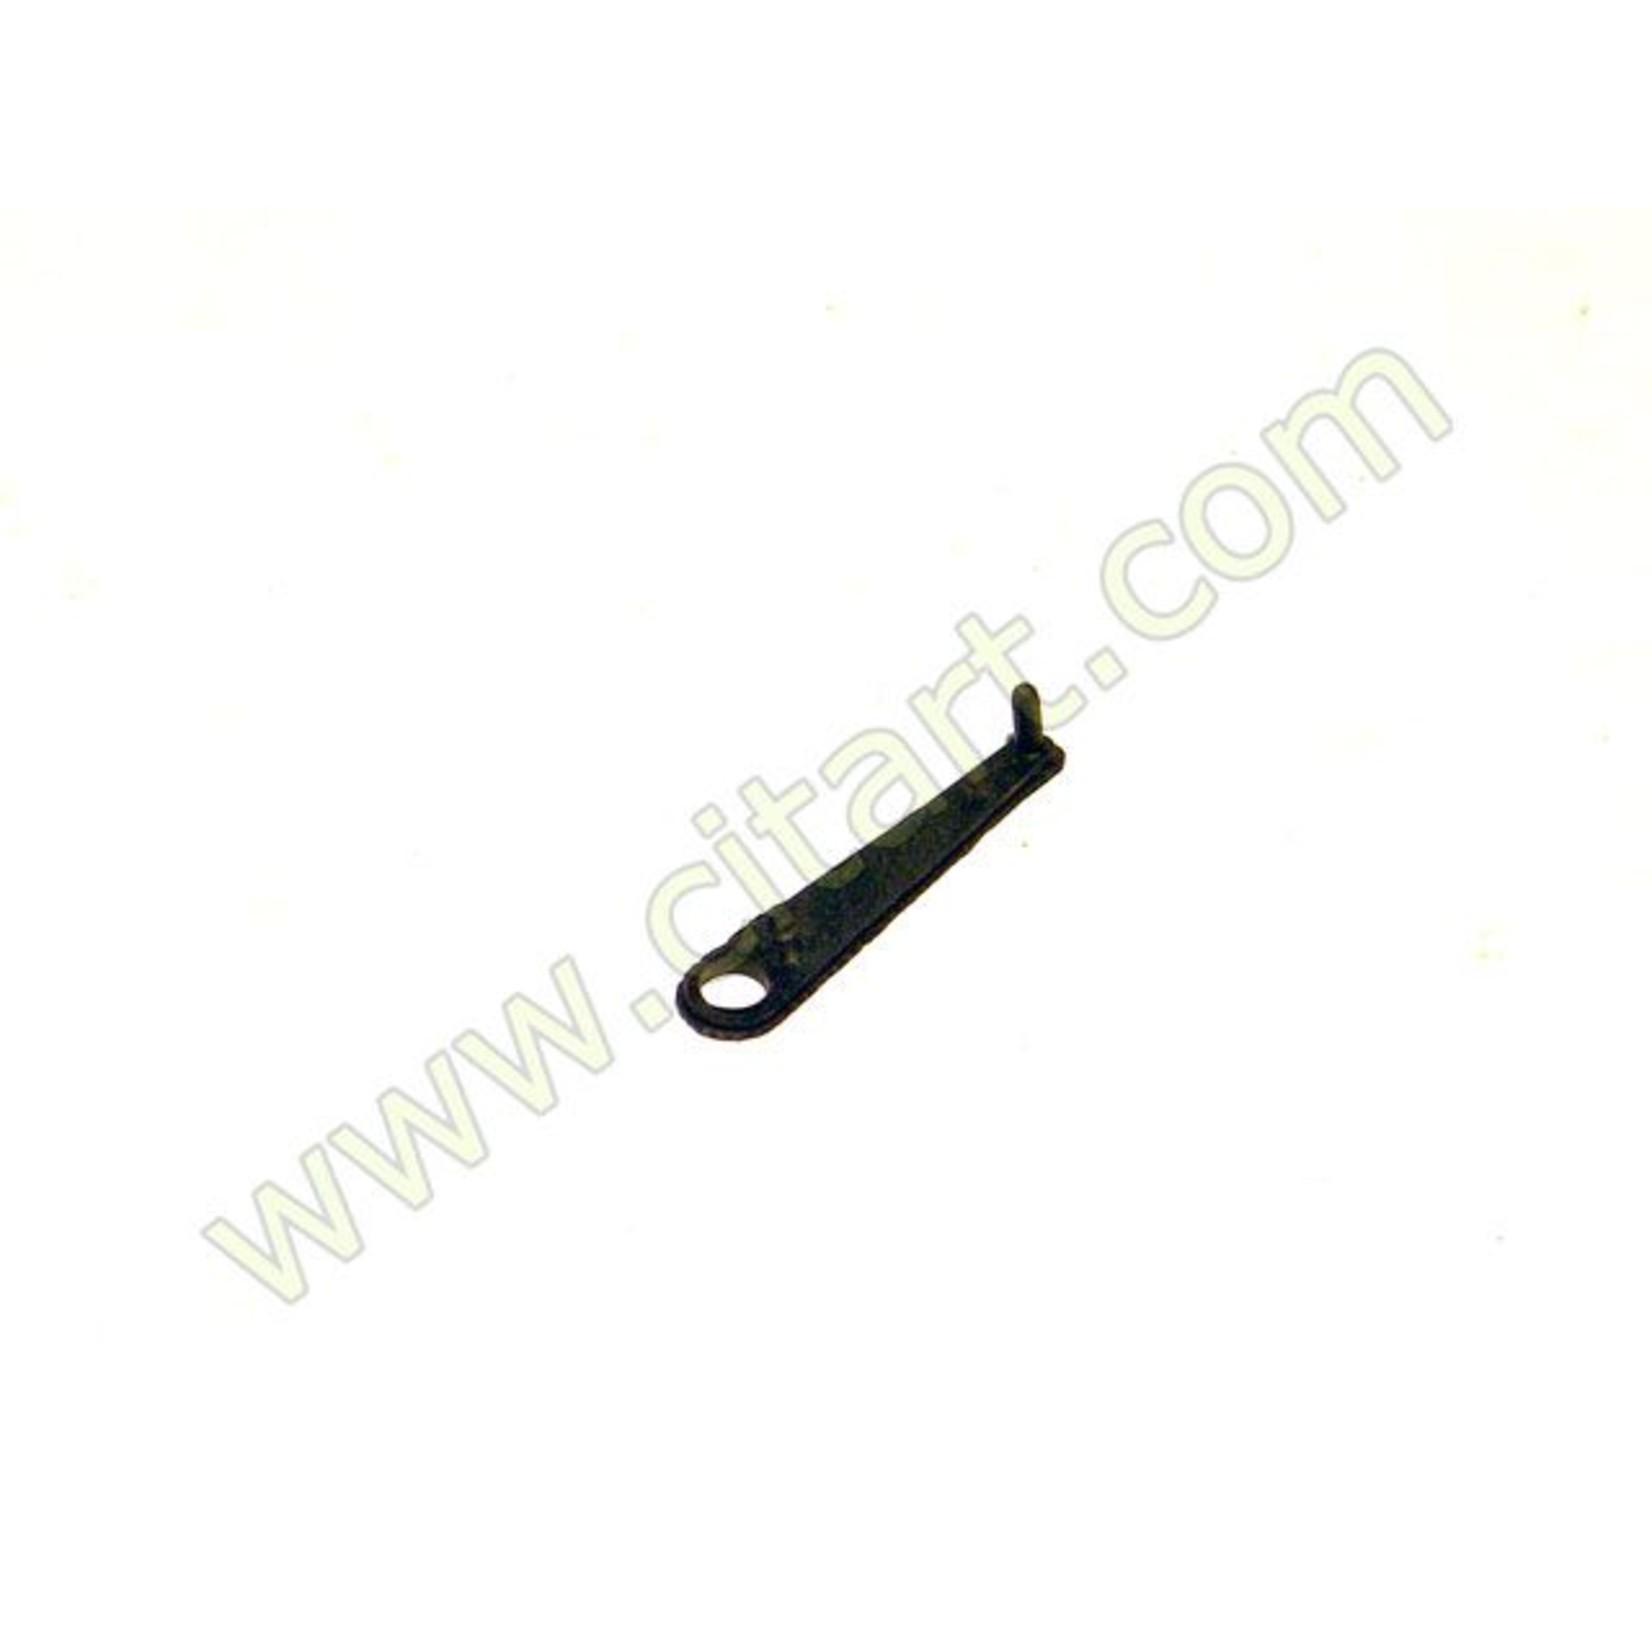 Afdichtplug koppelingsregelaar rubber l=9 Nr Org: DX314210